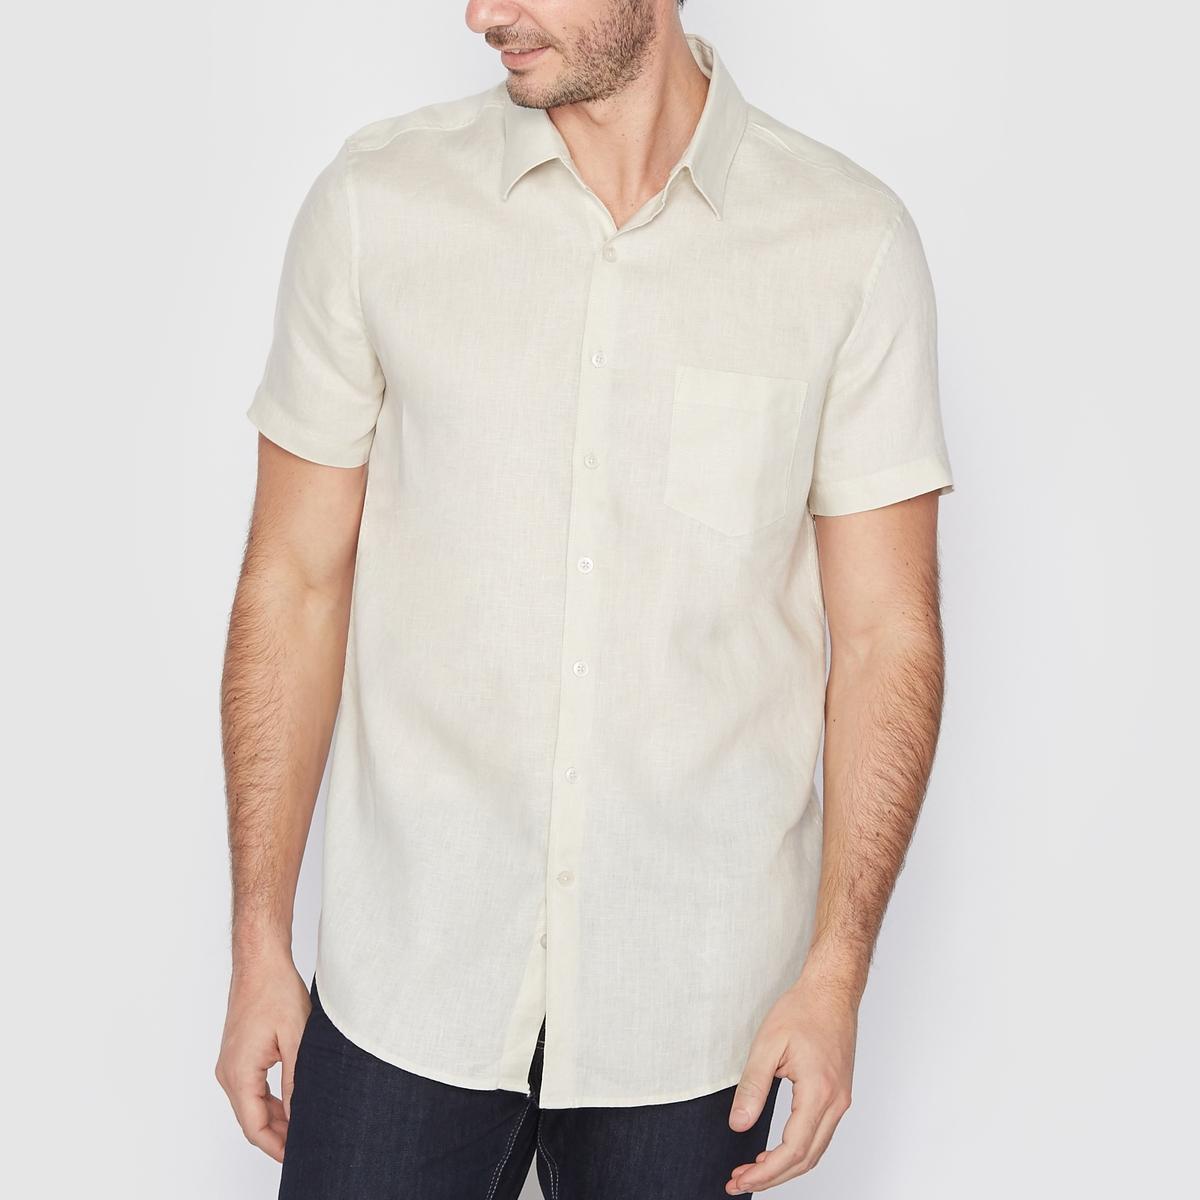 Рубашка прямого покроя 100% ленРубашка, 100% лен. Стандартный (прямой) покрой. Воротник со свободными уголками. Короткие рукава. Длина 77 см.<br><br>Цвет: песочный<br>Размер: 43/44.39/40